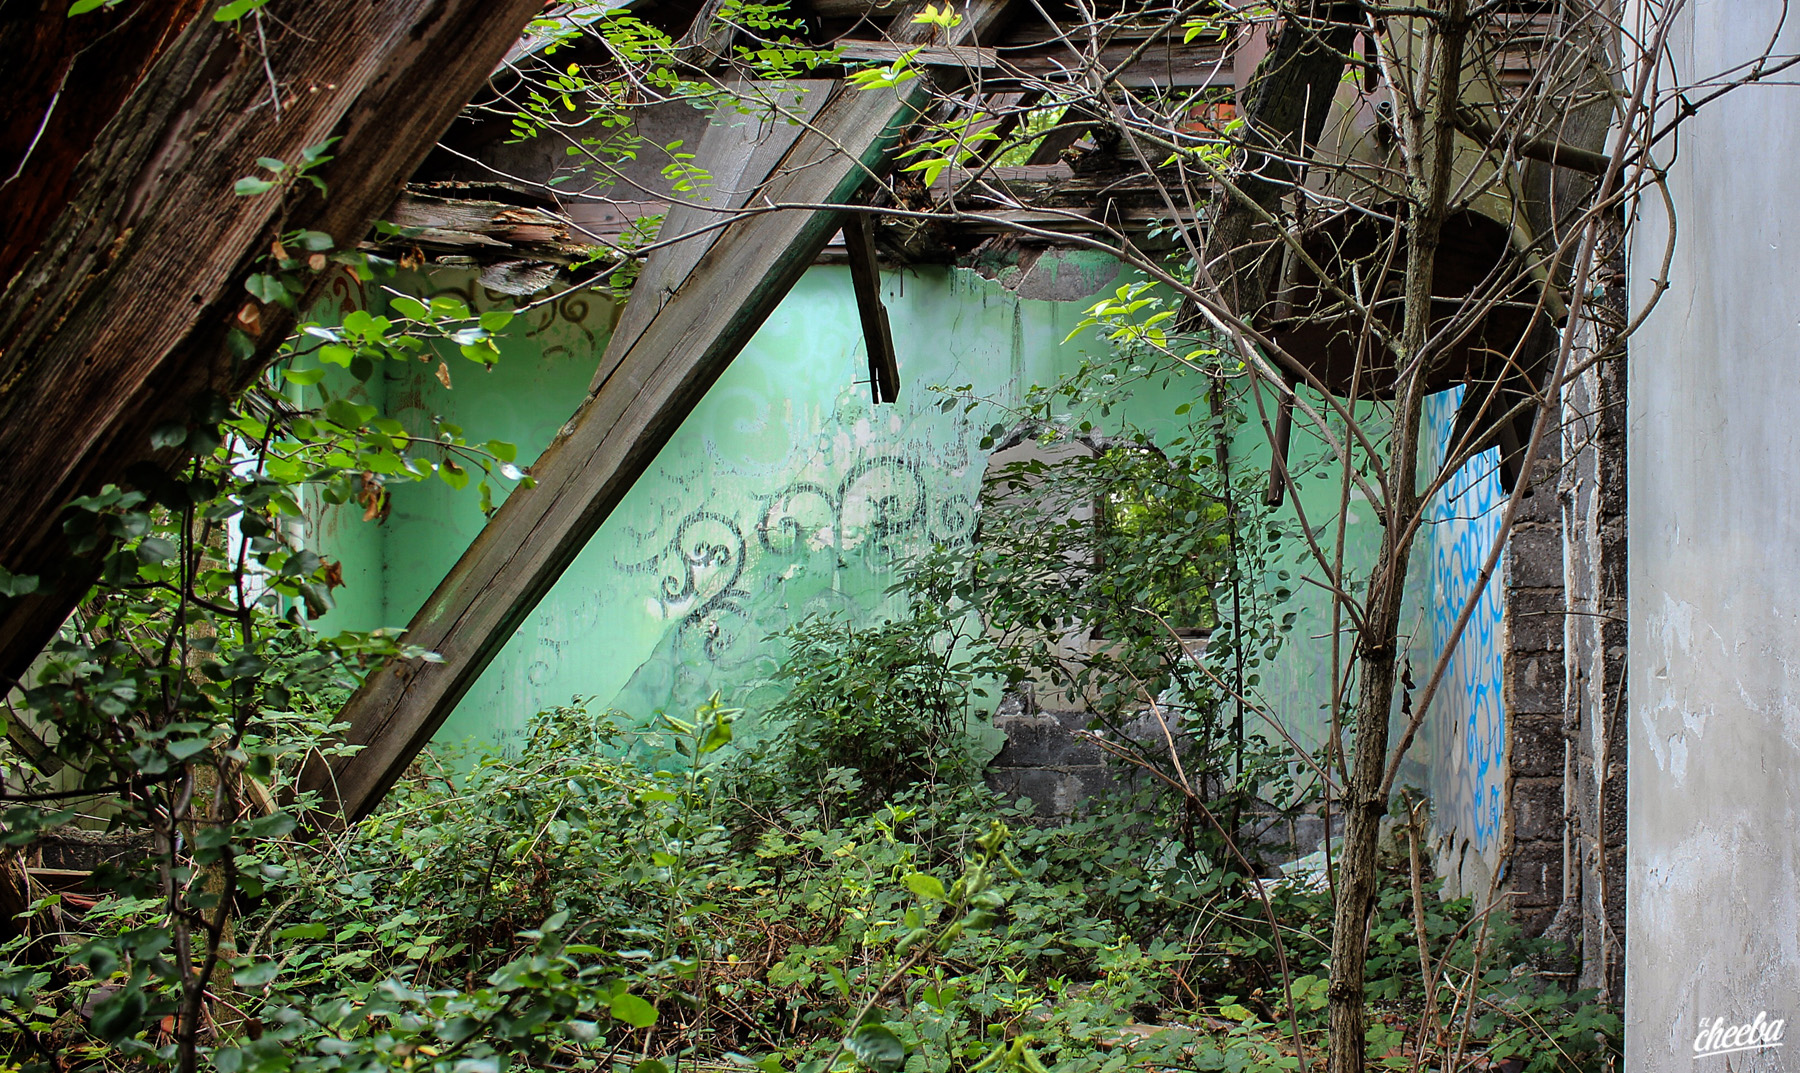 Urbex à l'hôtel Saint-Hippolyte en Alsace - Urbex Alsace by El Cheeba